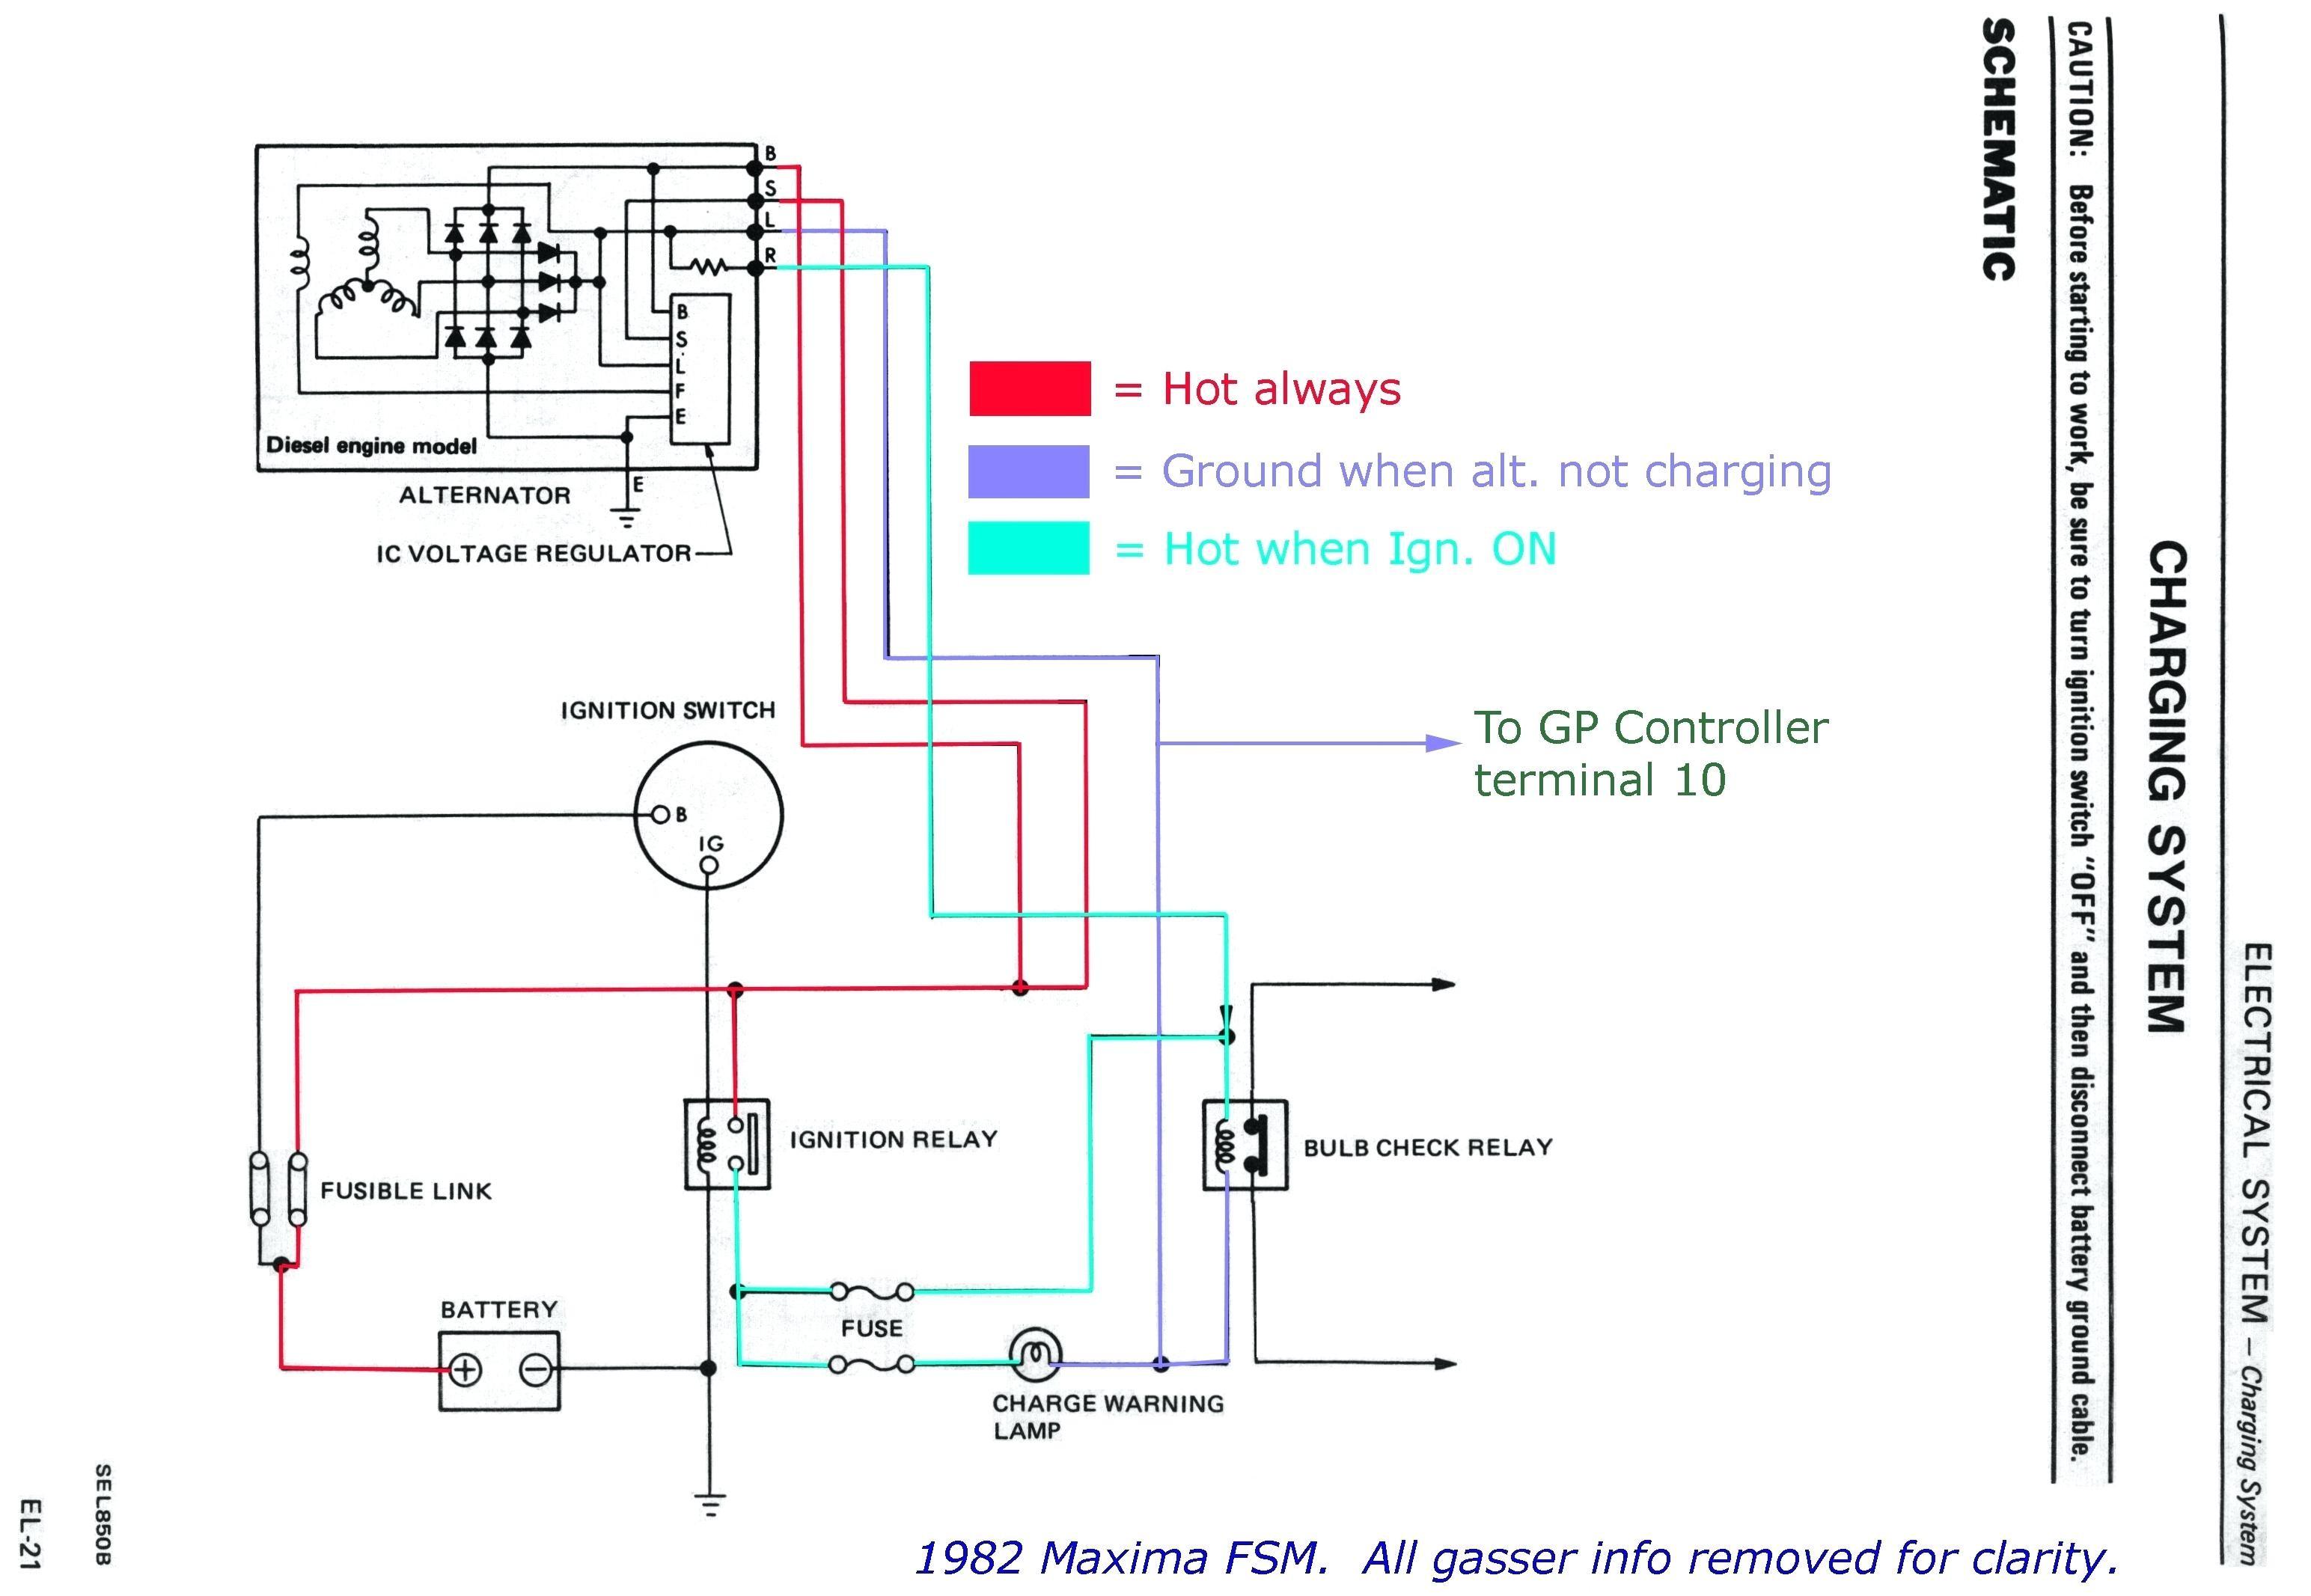 Diesel Engine Alternator Wiring Diagram Alternator Wiring Diagram W  Terminal New Alternator Wiring Diagram Of Diesel